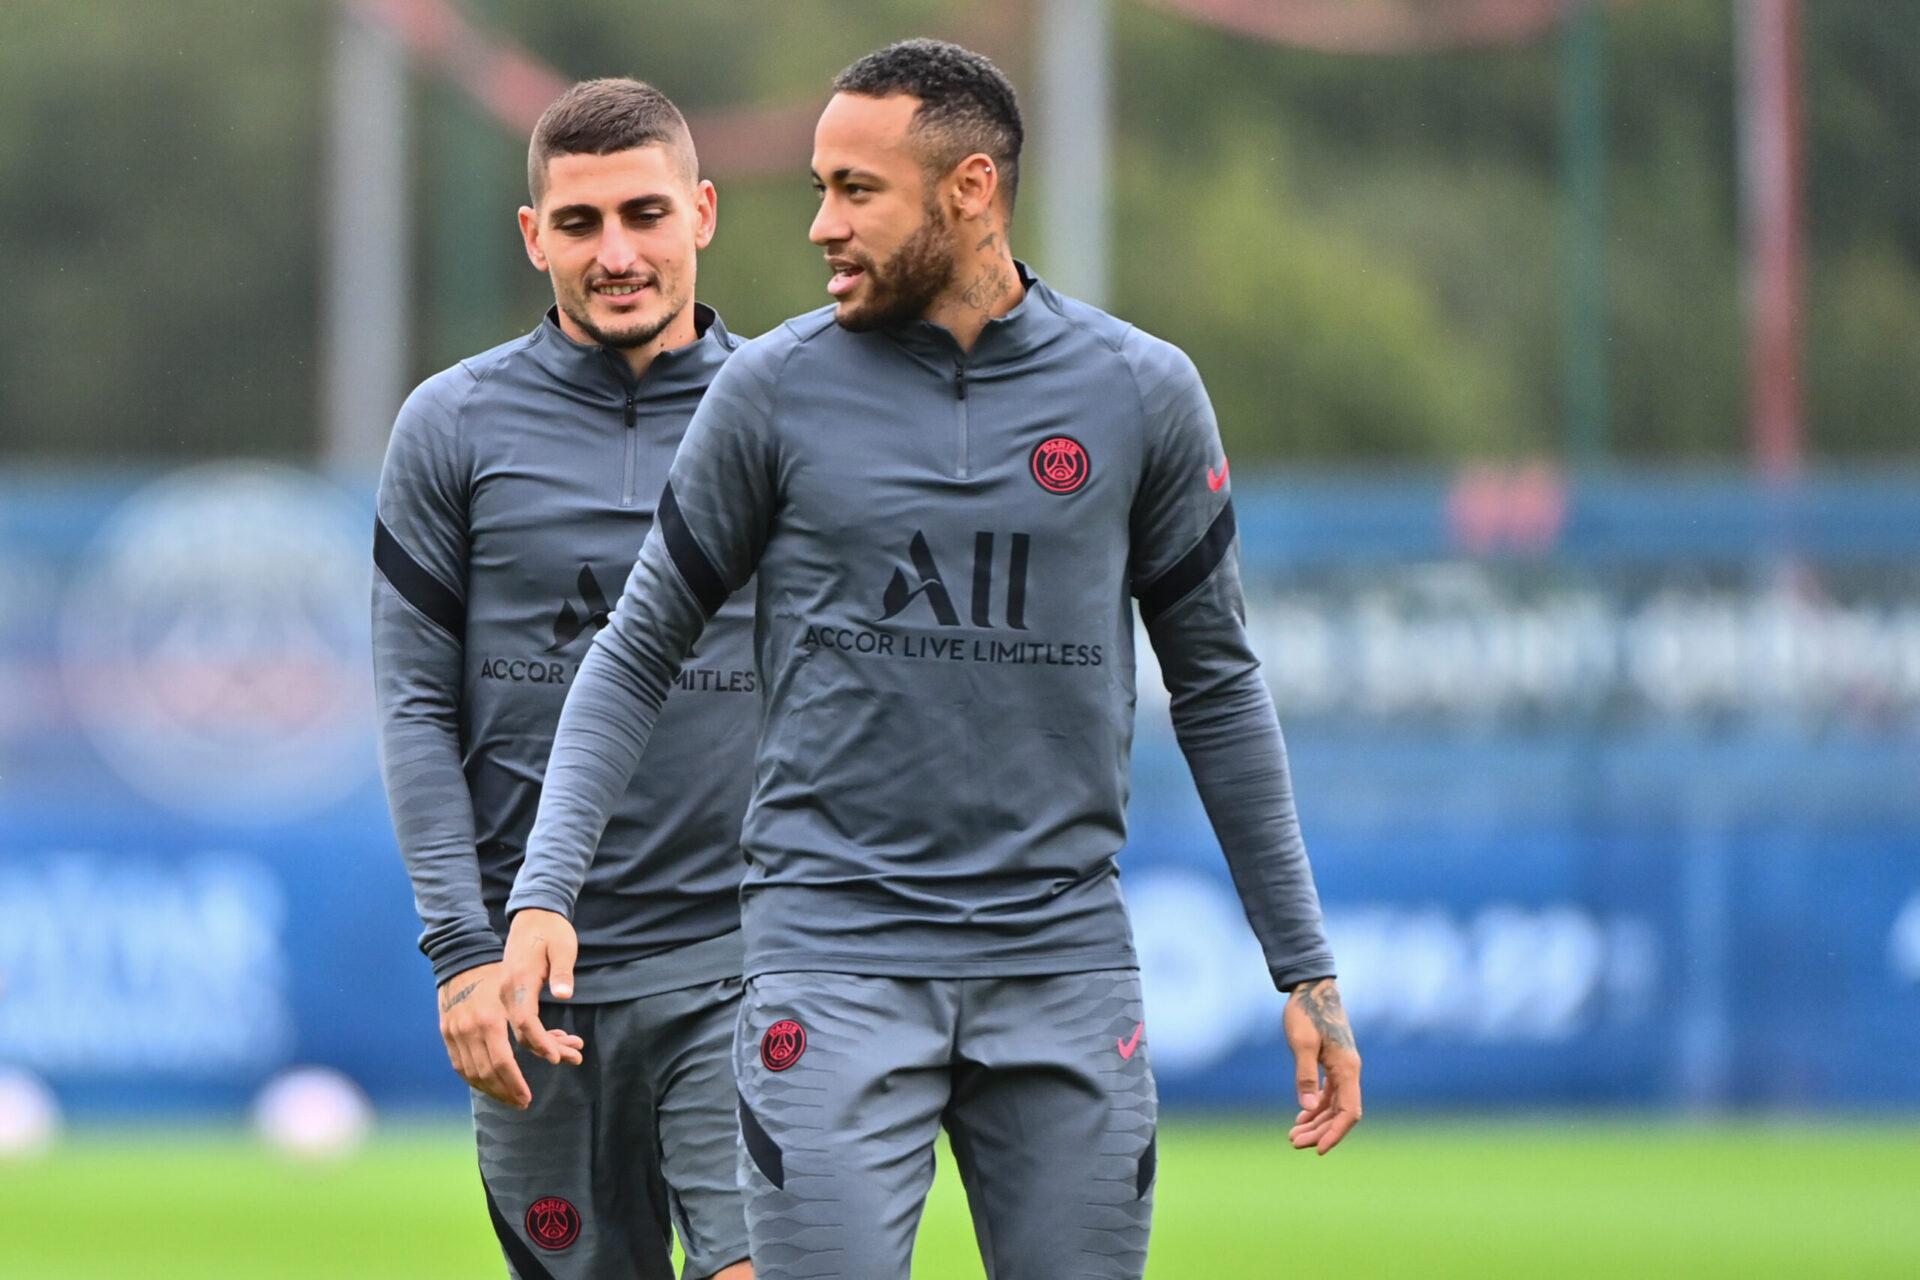 Tout juste de retour à l'entraînement après presque un mois d'absence, Marco Verratti ne devrait pas être en mesure de débuter face à Manchester City (iconsport)